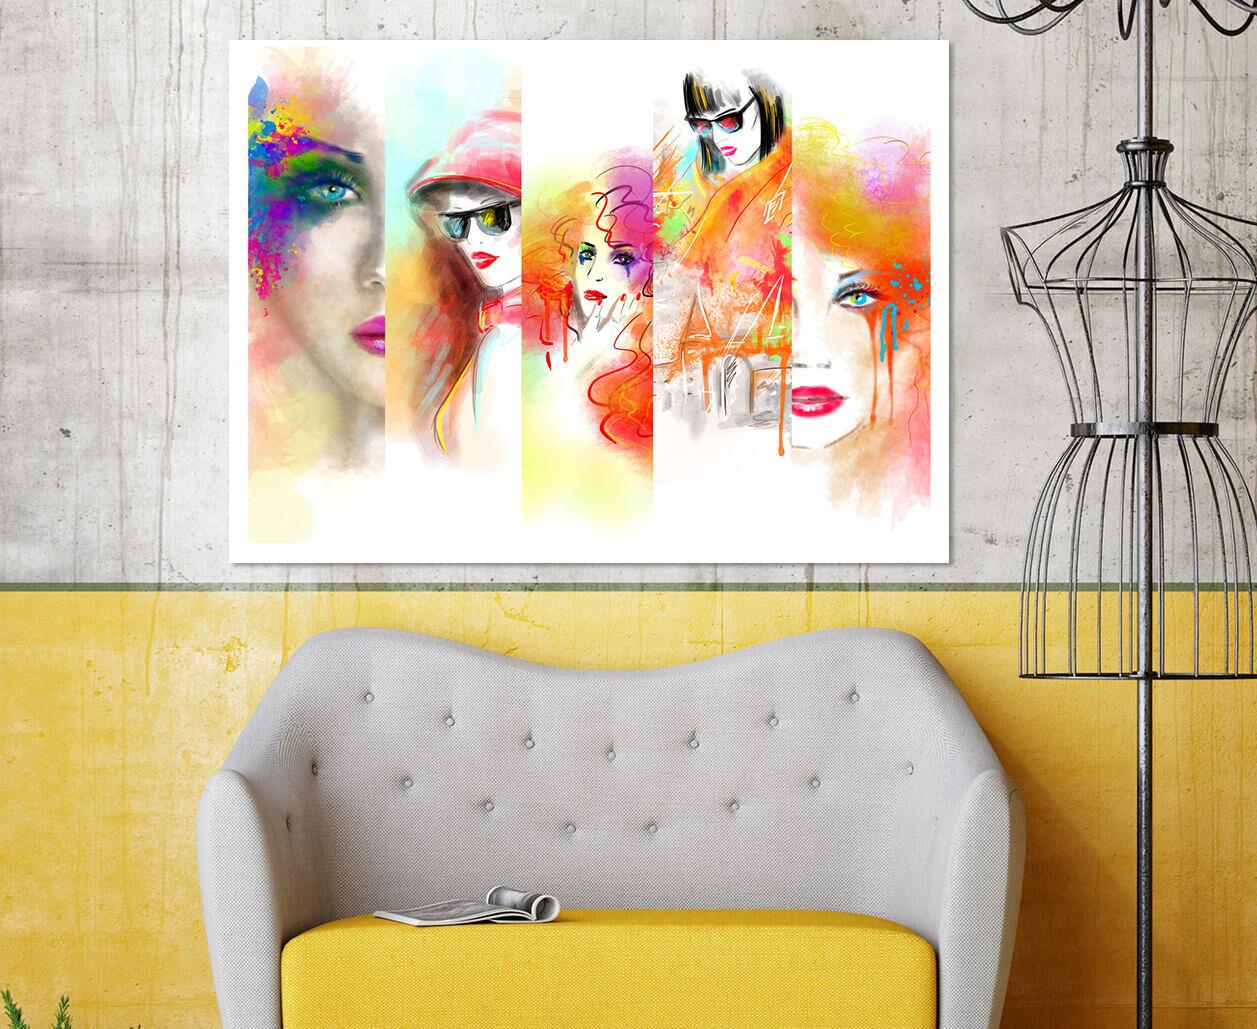 3D Farbmalerei Schöne Frau 966 Fototapeten Wandbild BildTapete AJSTORE DE Lemon